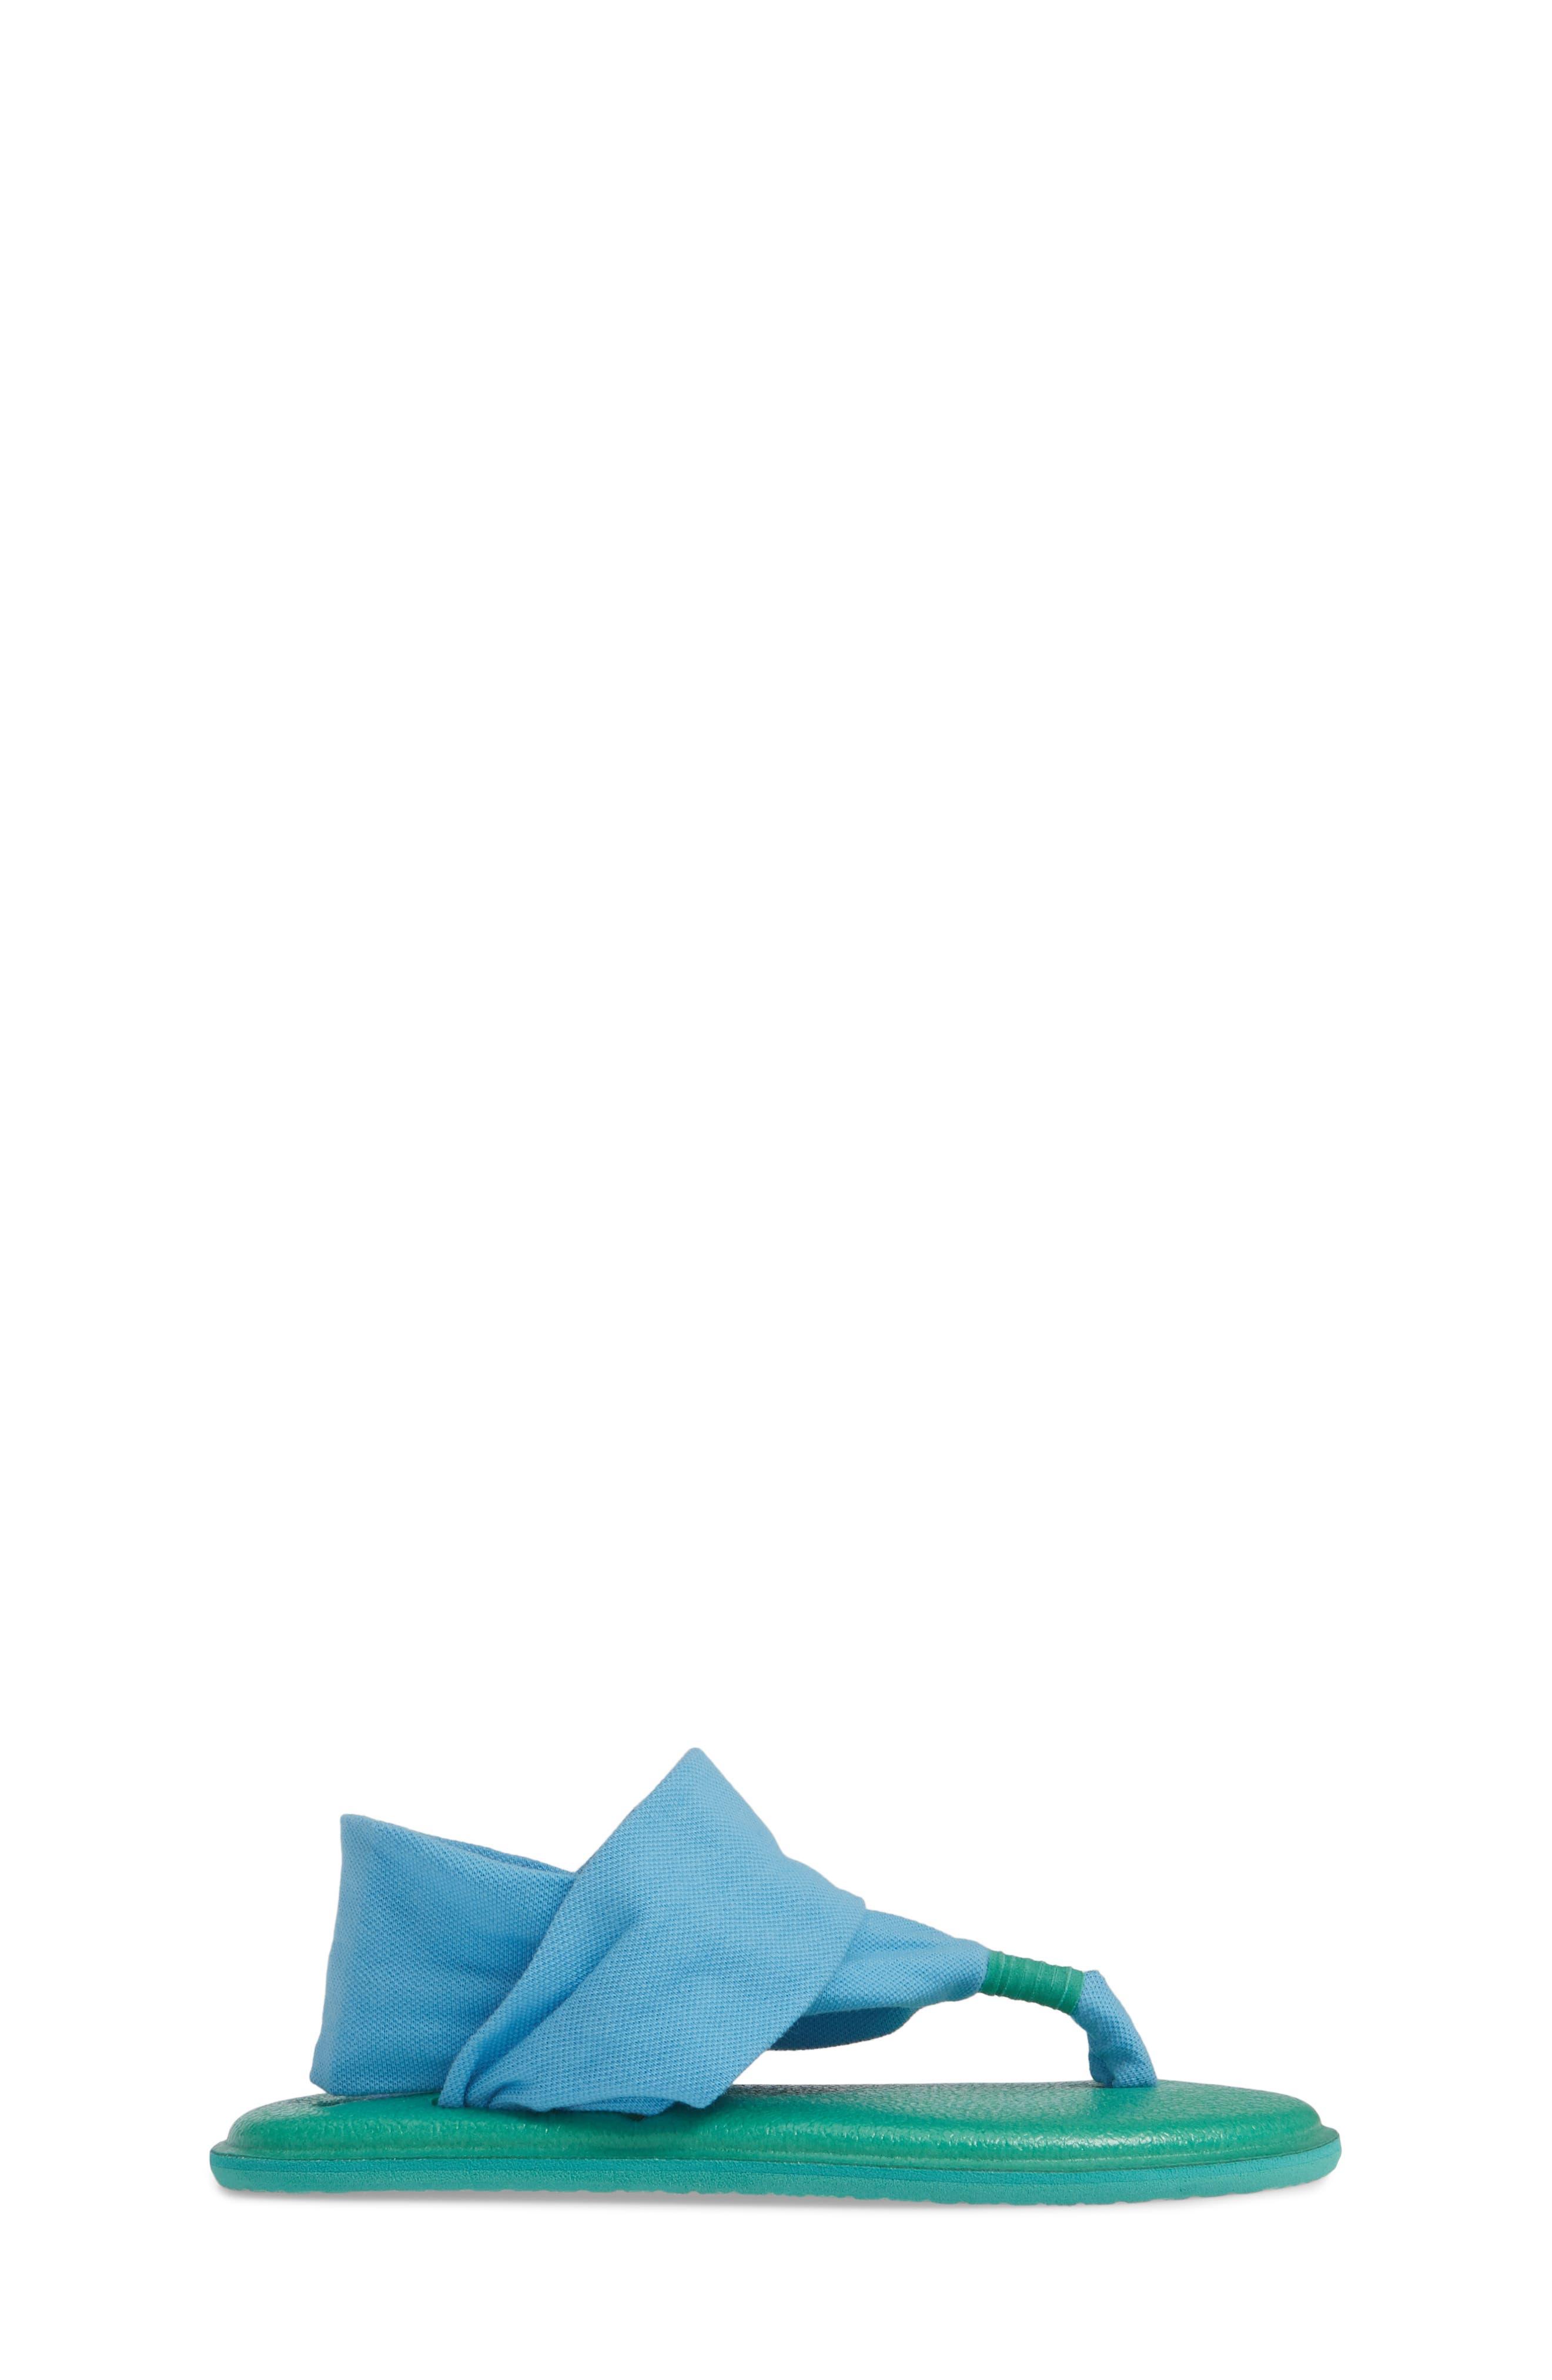 SANUK, Lil Yoga Sling 2 Sandal, Alternate thumbnail 3, color, ALASKA BLUE